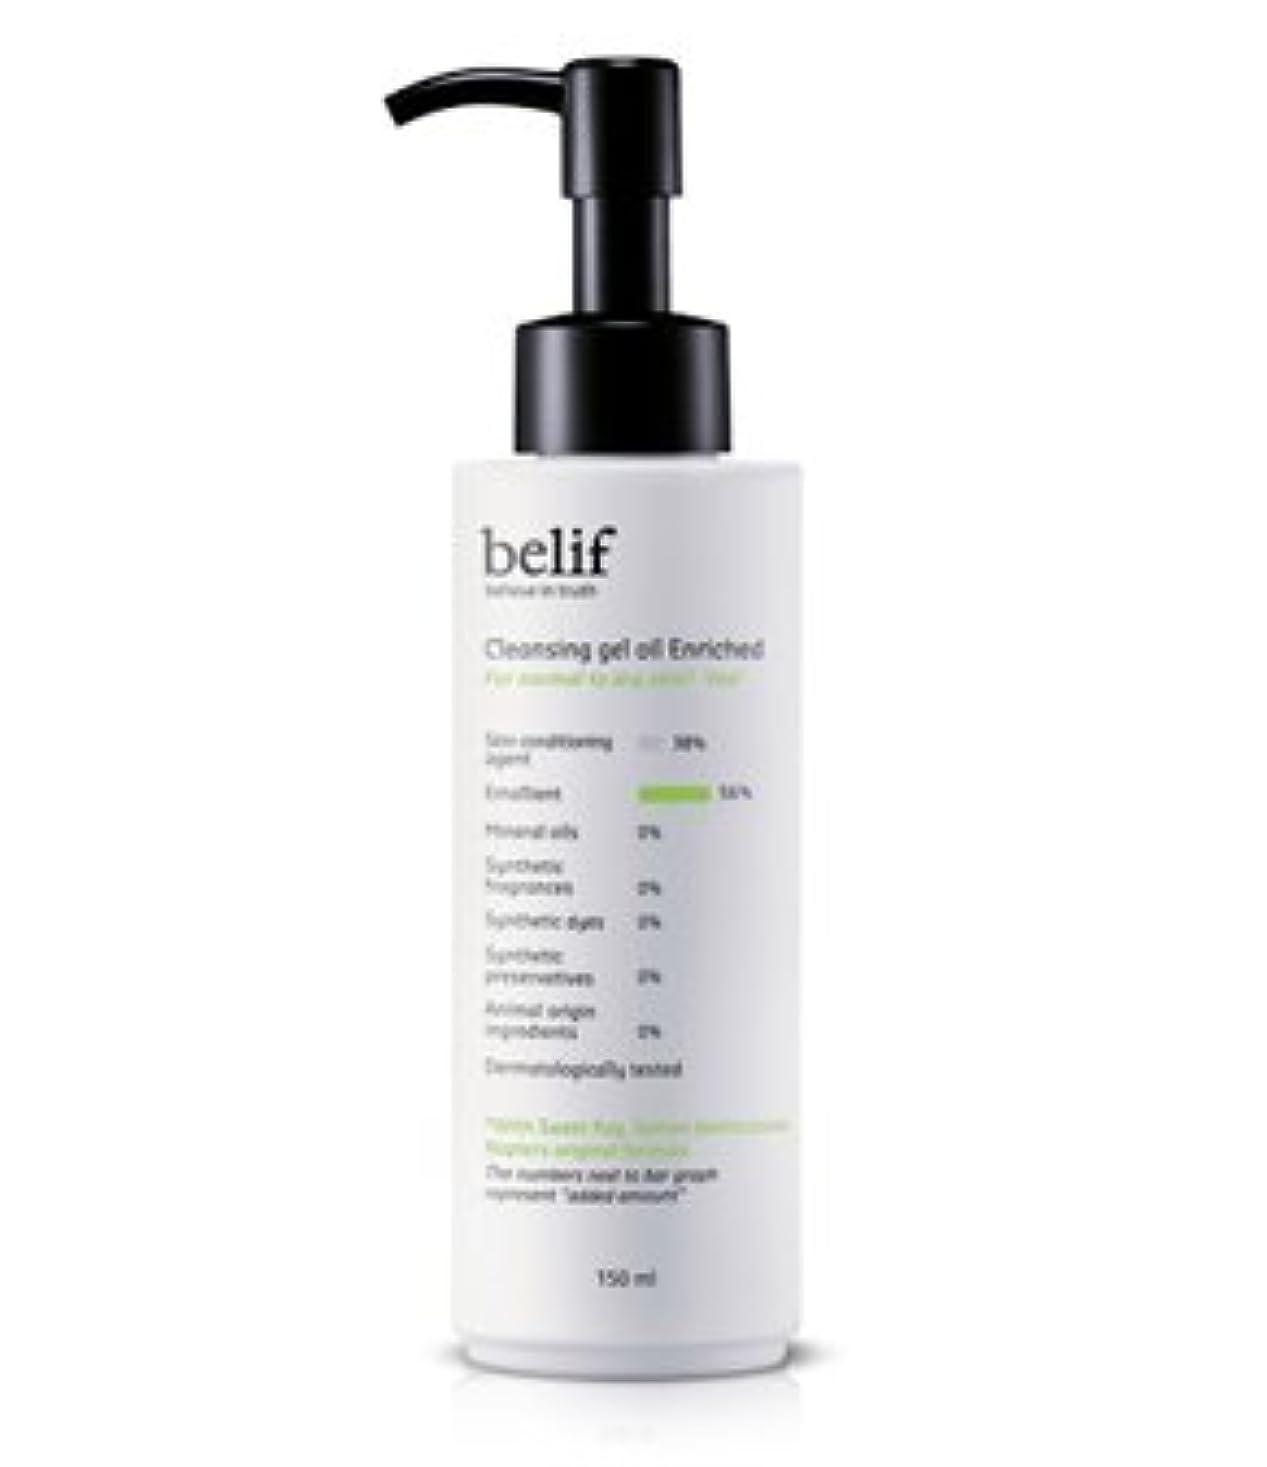 パステル理論的慣習belf(ビリフ)クレンジング ジェル オイル エンリチッド(Cleansing gel oil Enriched)150ml